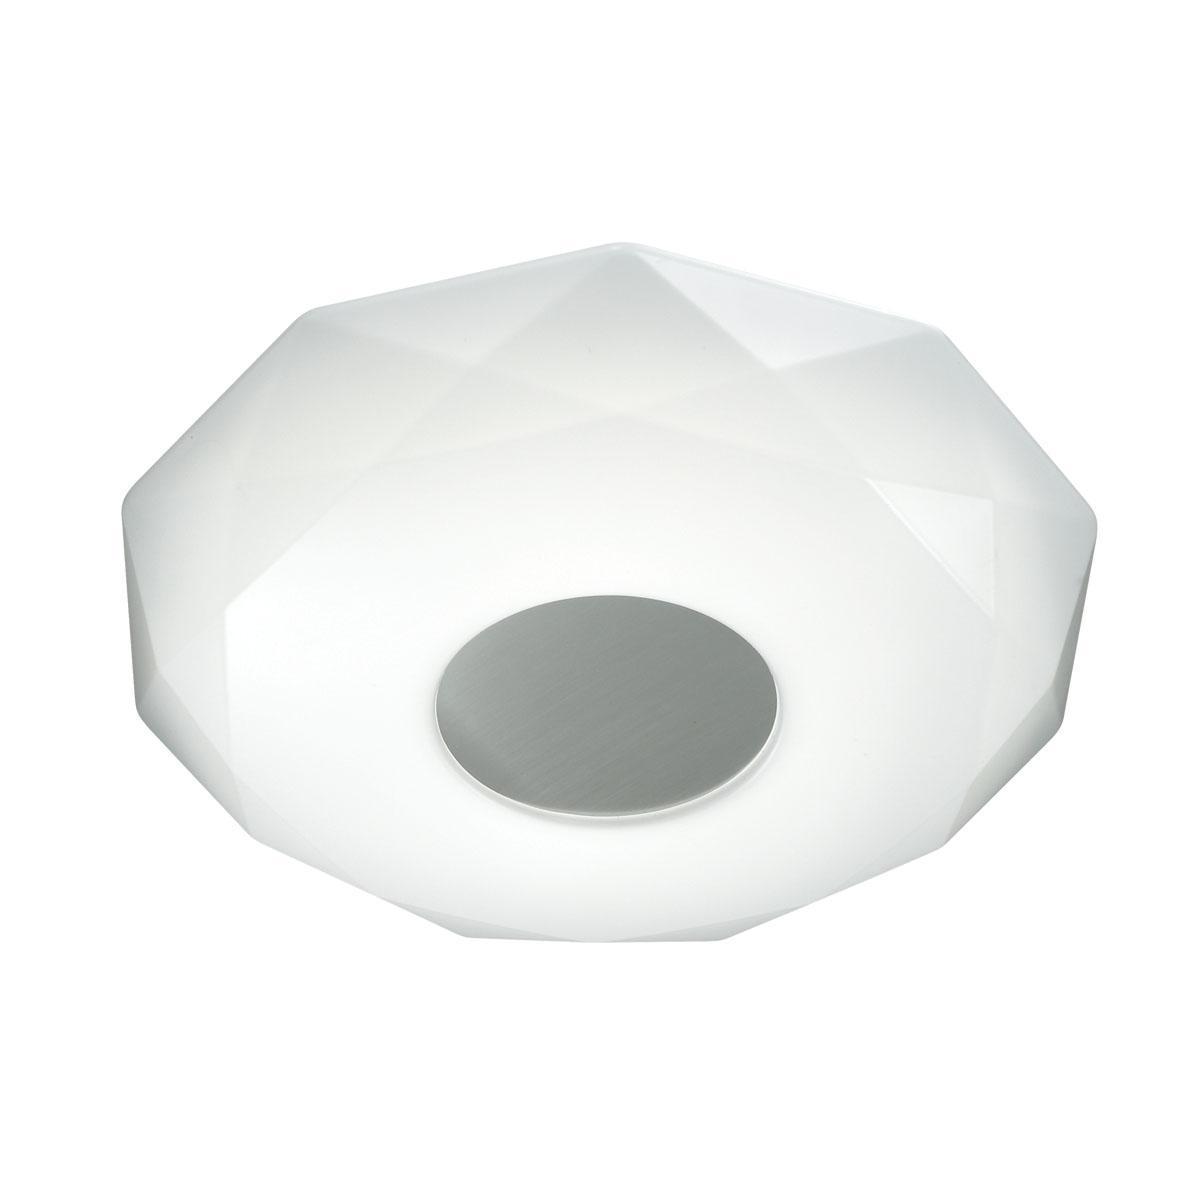 Настенно-потолочный светодиодный светильник Sonex Piola 2013/B настенно потолочный светодиодный светильник sonex piola 2013 b